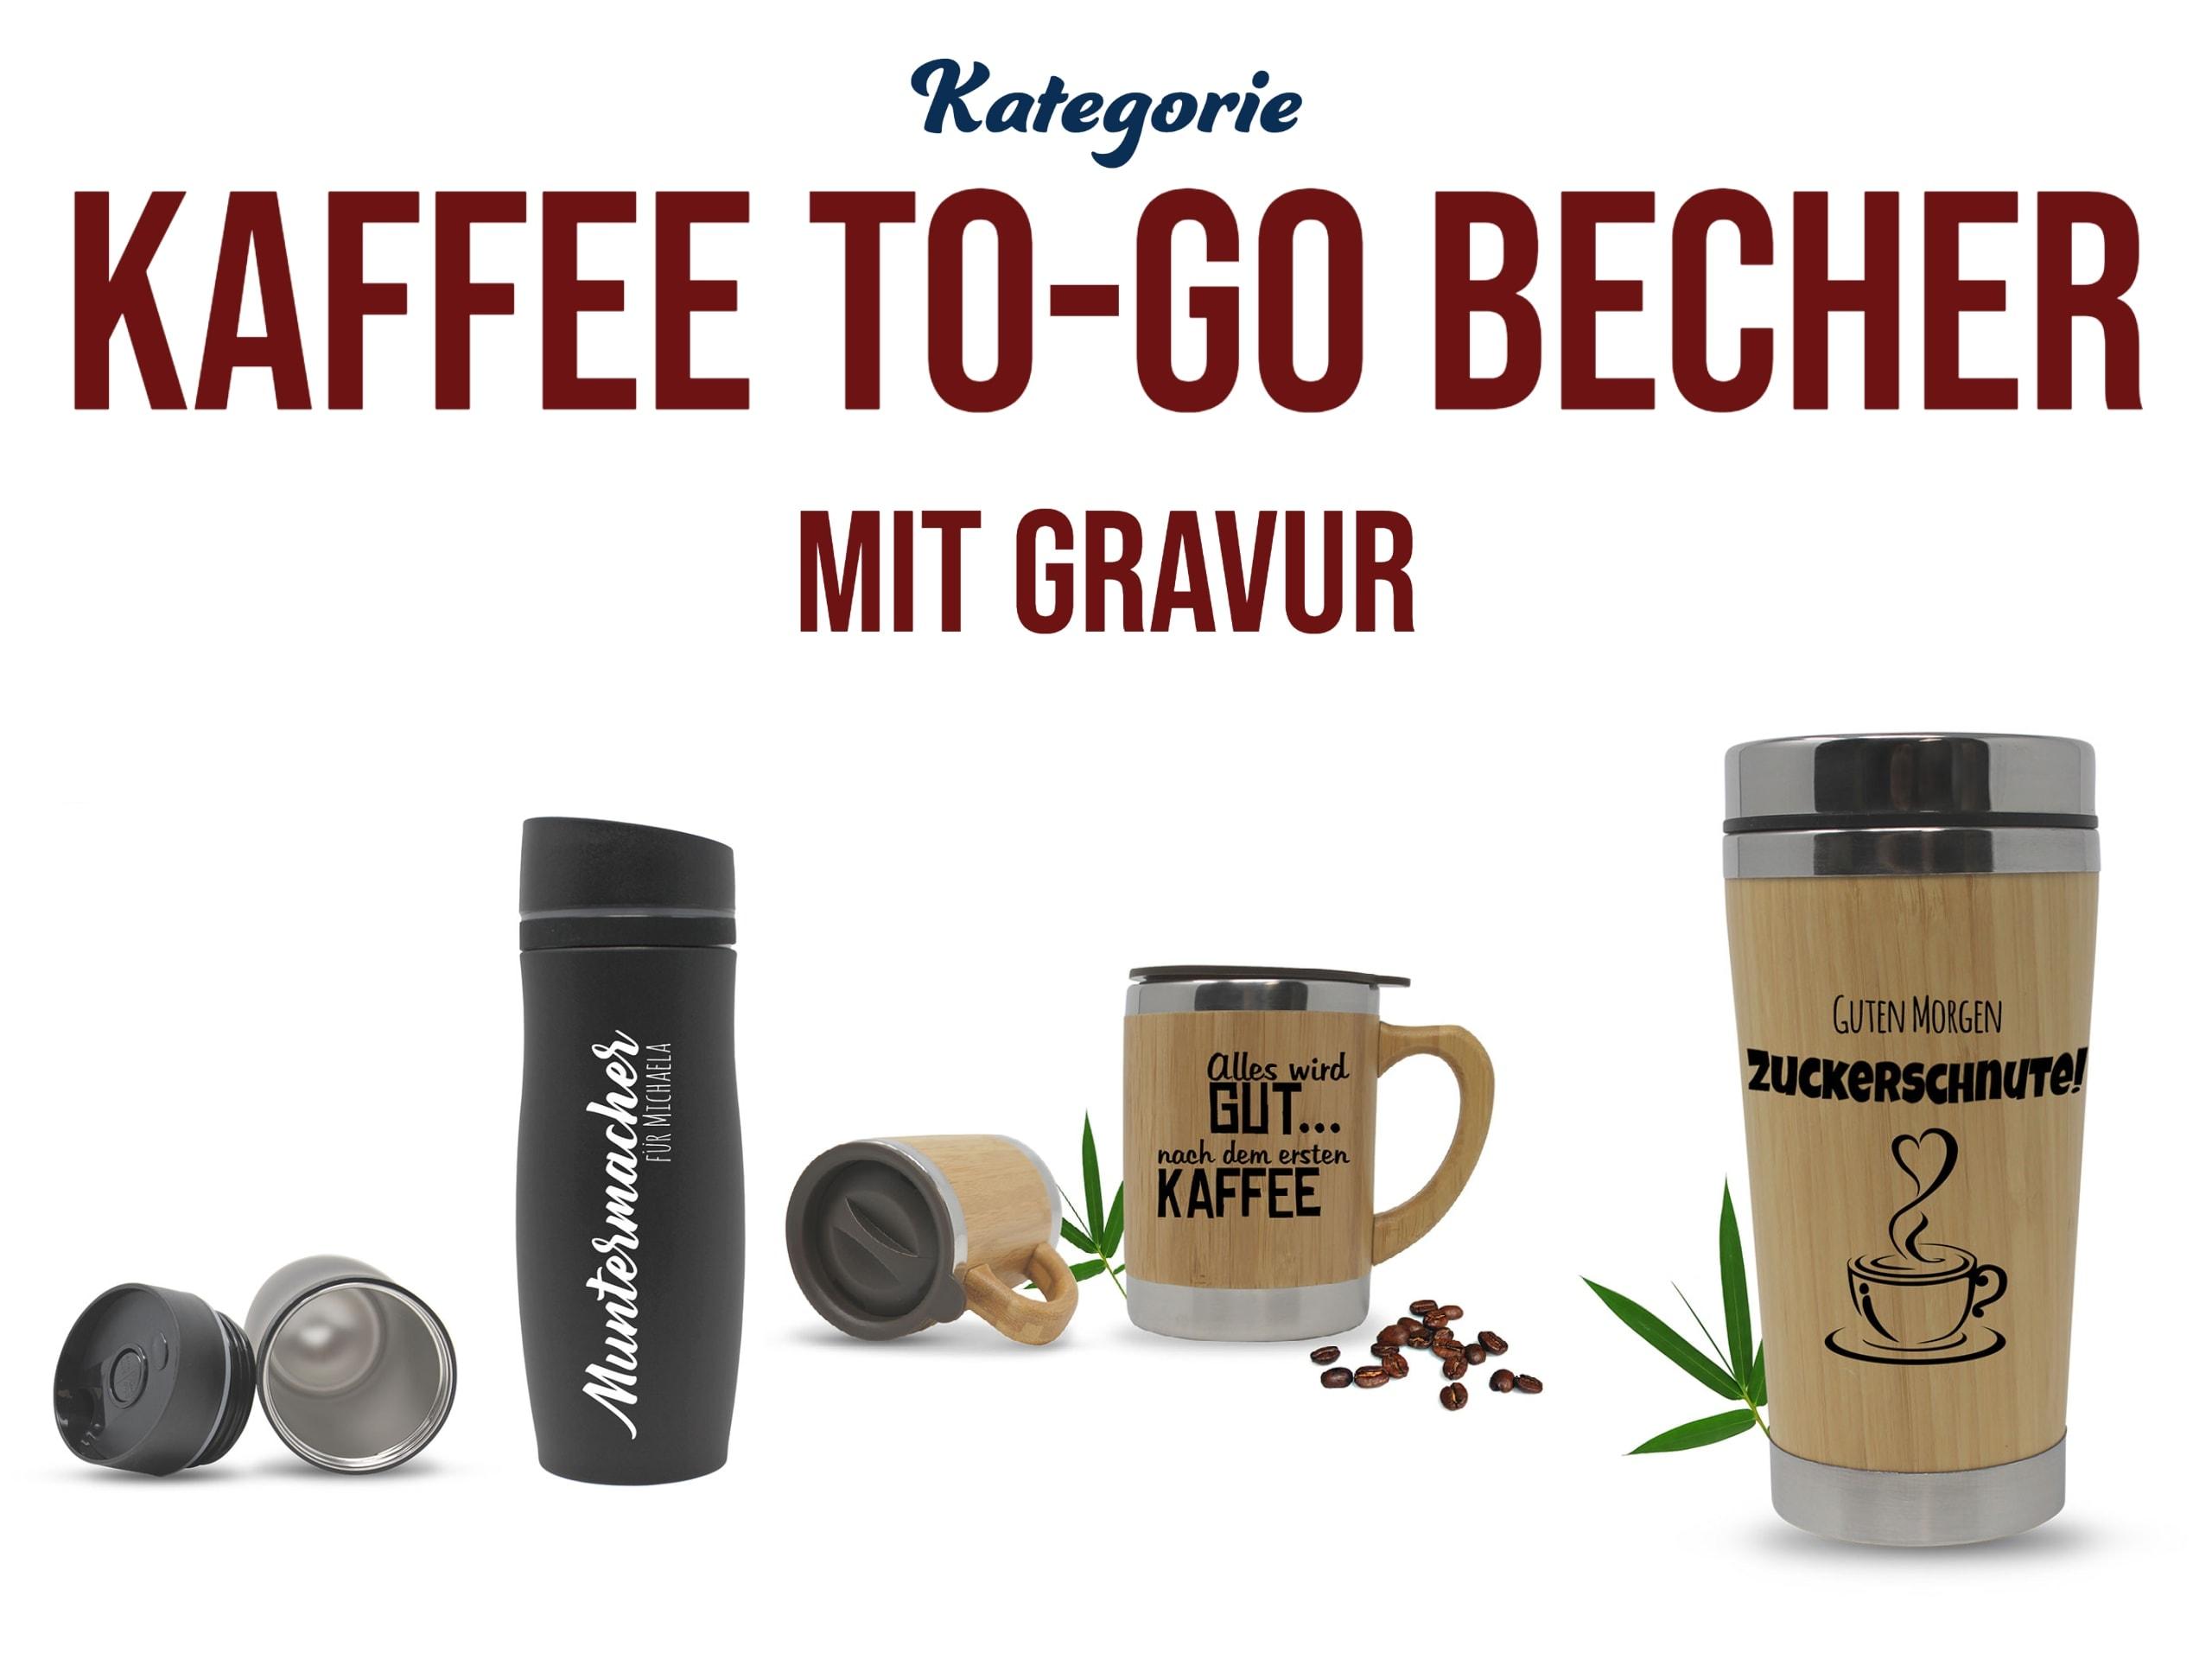 Personalisierte Geschenke Kaffeebecher mit Gravur Kaffee- Togo